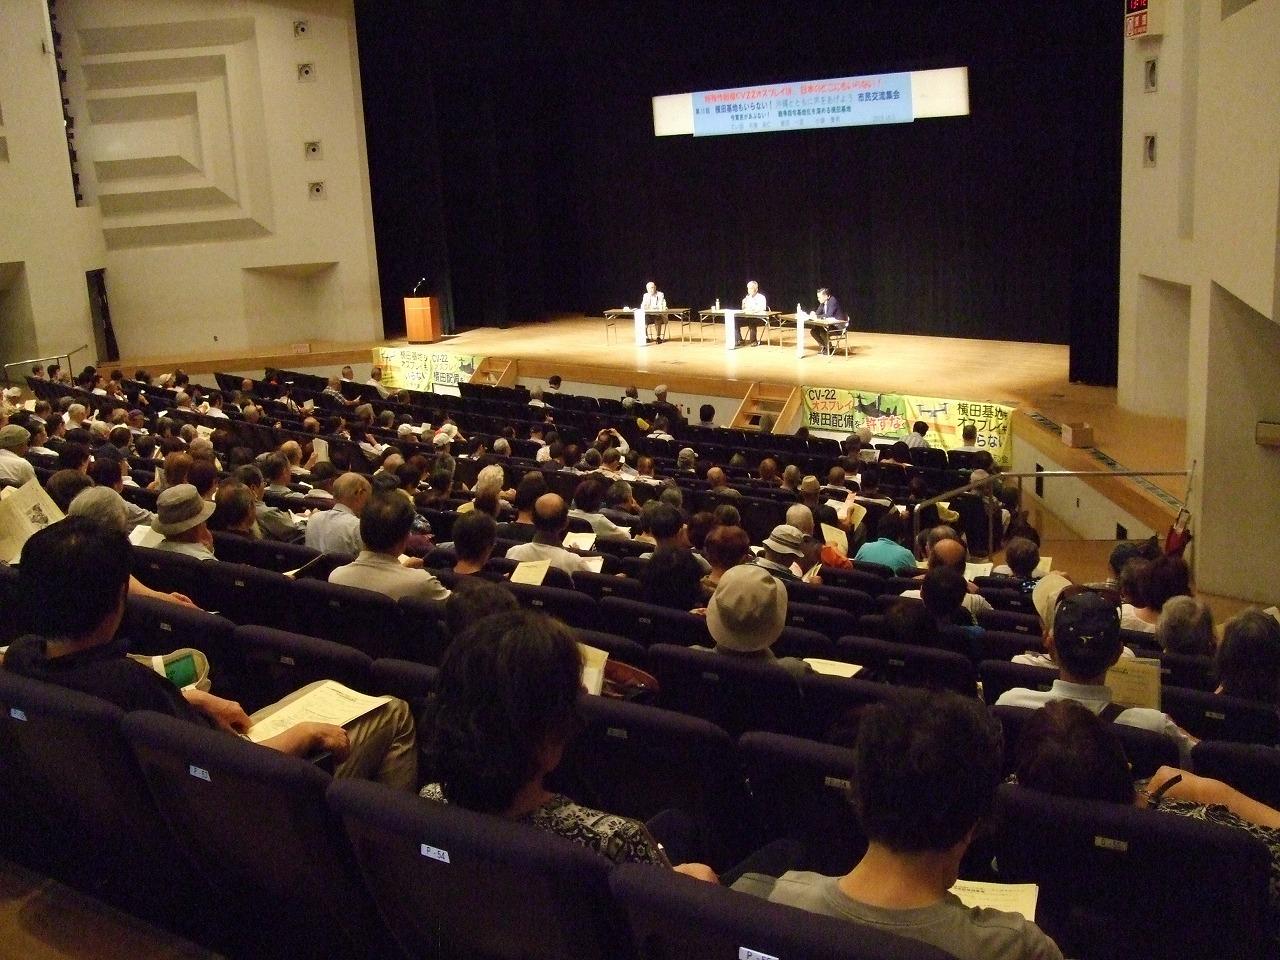 ジャーナリストの布施さんと小柴軍事ジャーナリスト/そして横田基地公害訴訟団の寉田さんの3人の対談でした。//沖縄と横田の現状と基地の性格がますます戦争に向かっている様子などが/はなされました。